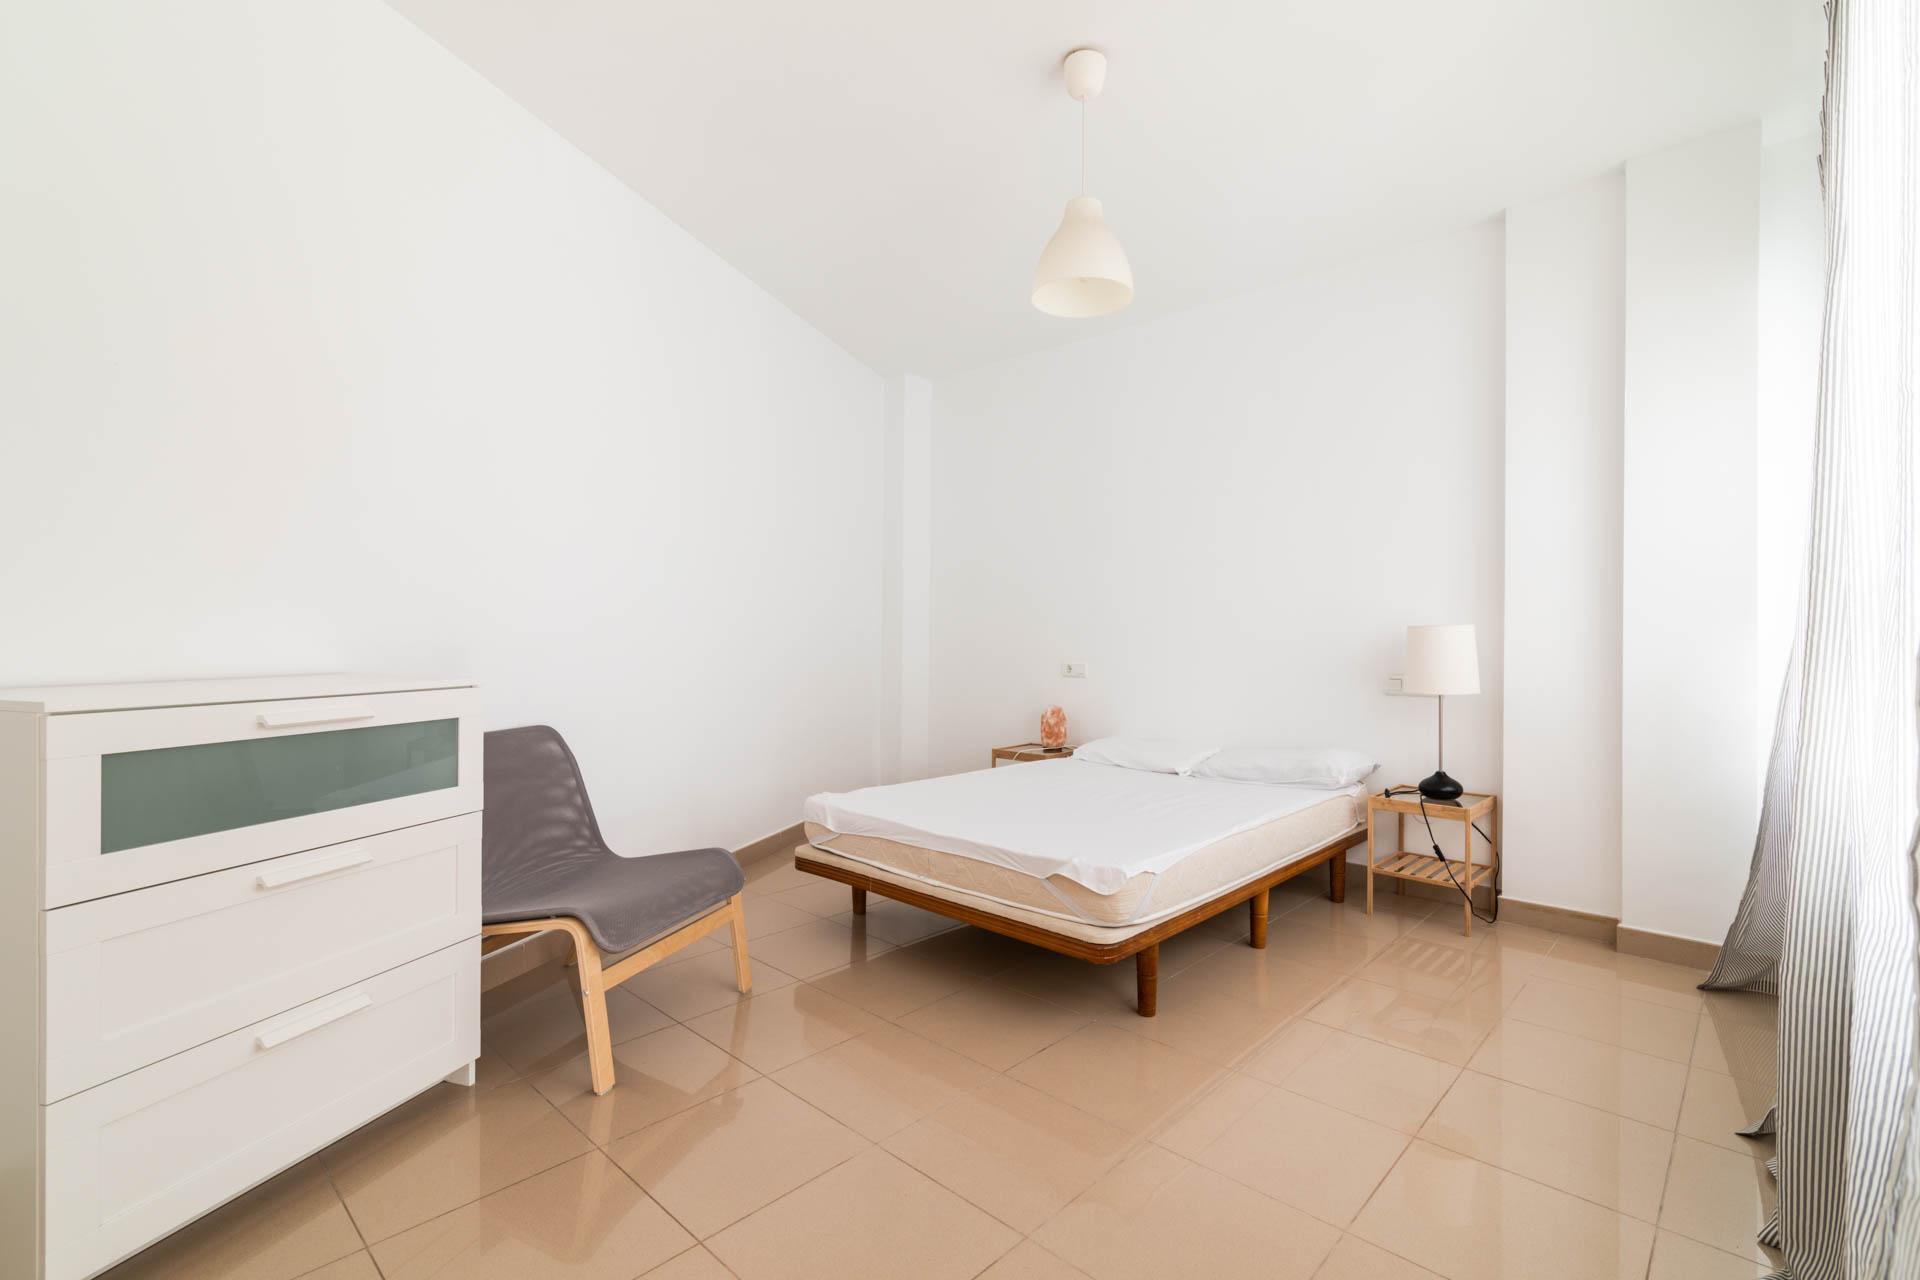 apartamento-clavel-dormitorio-2